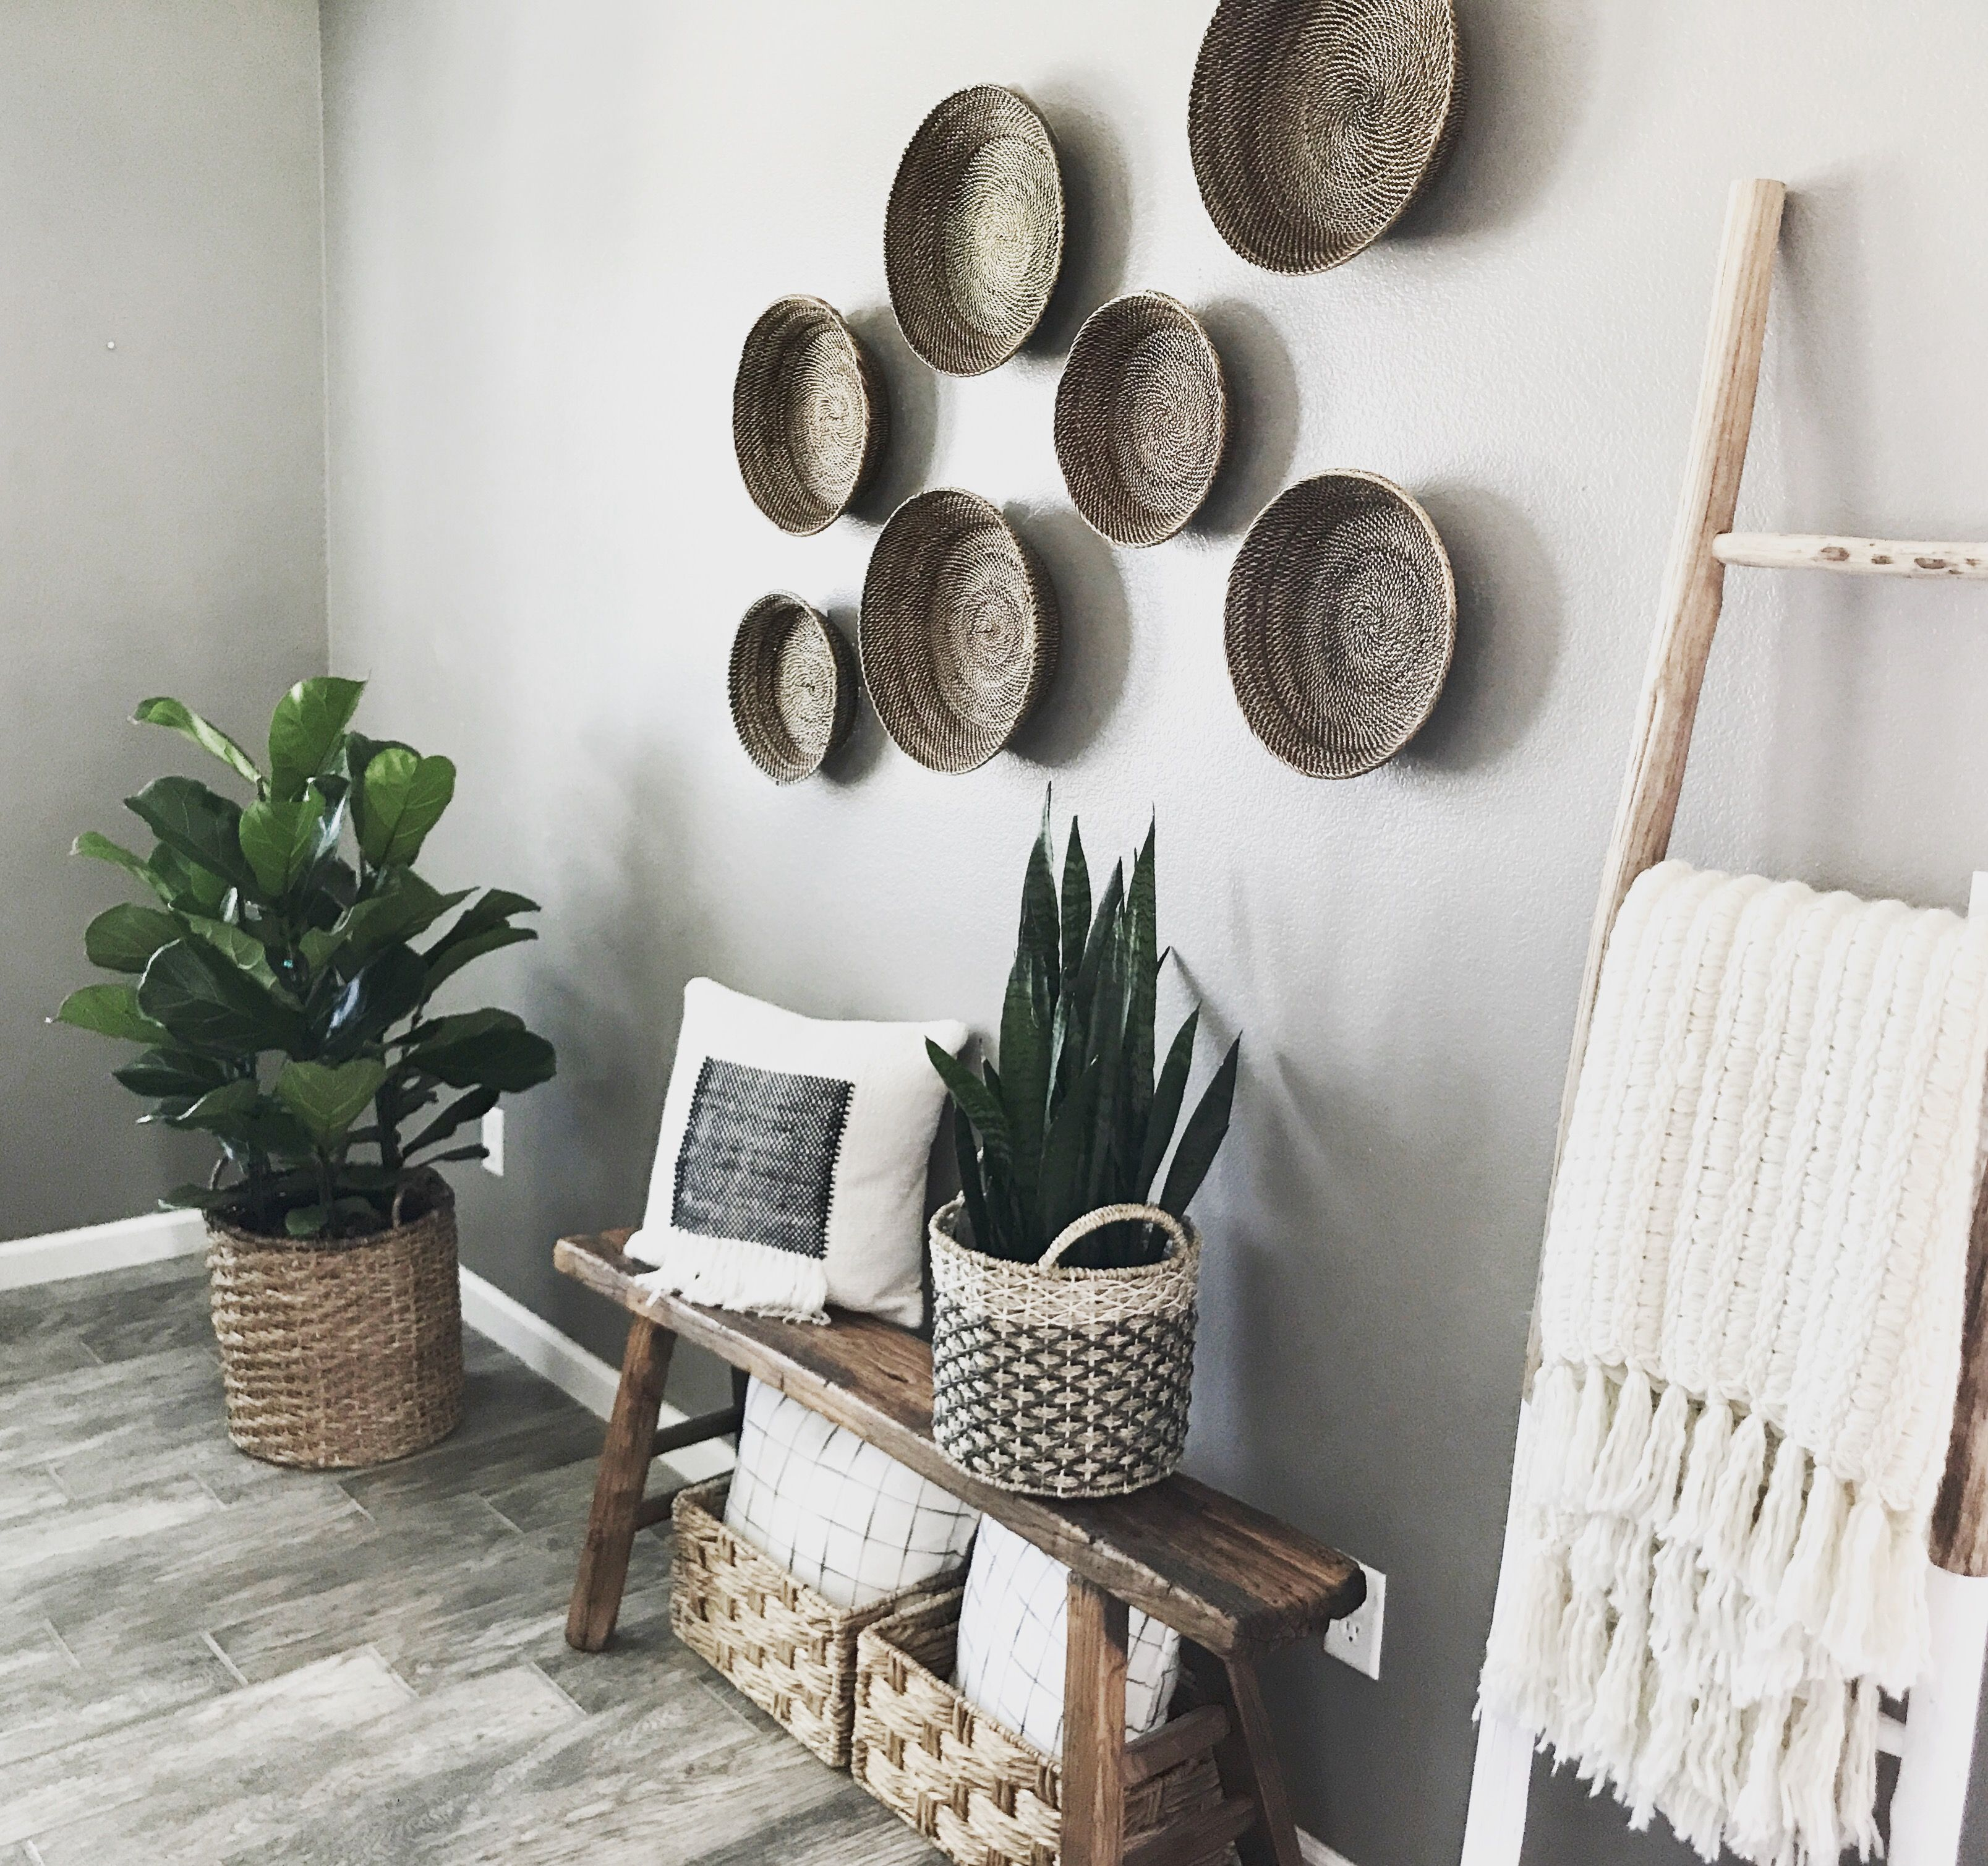 Snake Plant Fiddle Leaf Fig Boho Wall Baskets Blanket Ladder Bench Boho Living Room Decor Blanket Ladder Decor Chandelier In Living Room #throw #basket #for #living #room